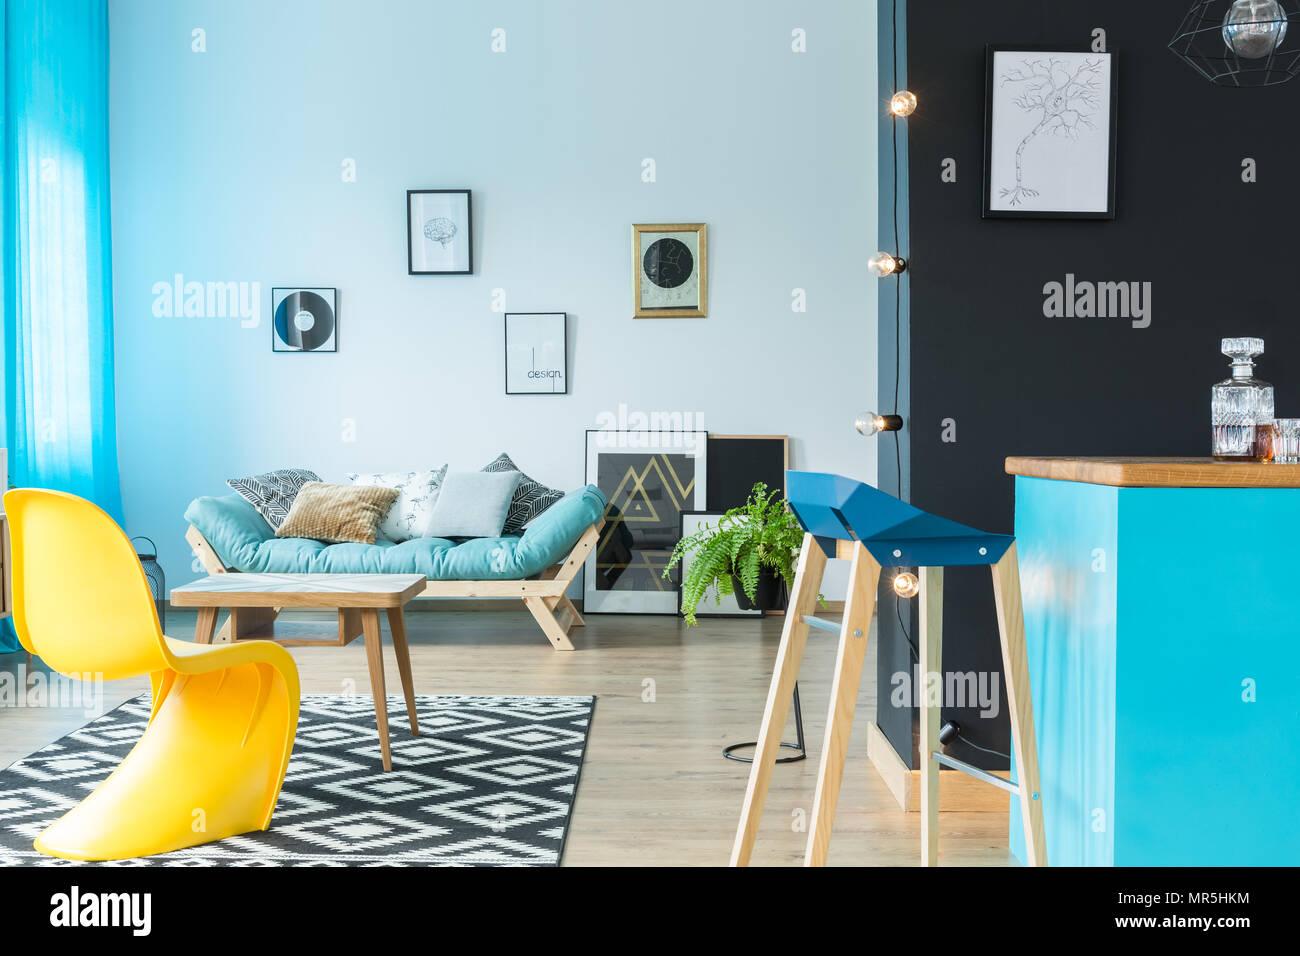 tabouret de bar design moderne à l'île de cuisine bleu en salon